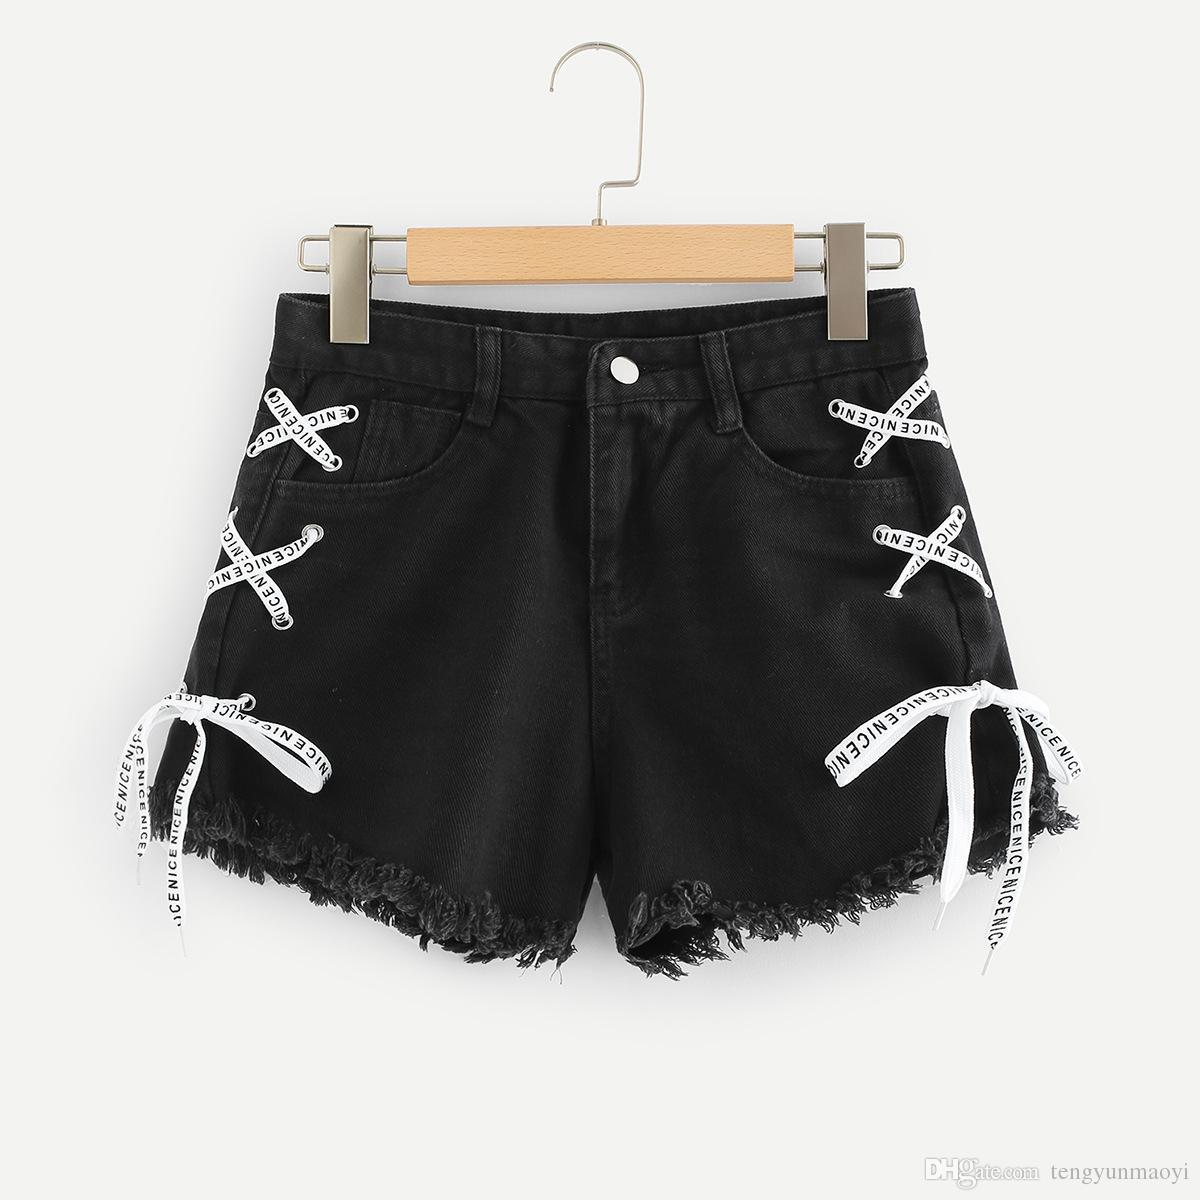 ed6270c6aea Denim Womens Shorts - Macy's - Shop Fashion Clothing .